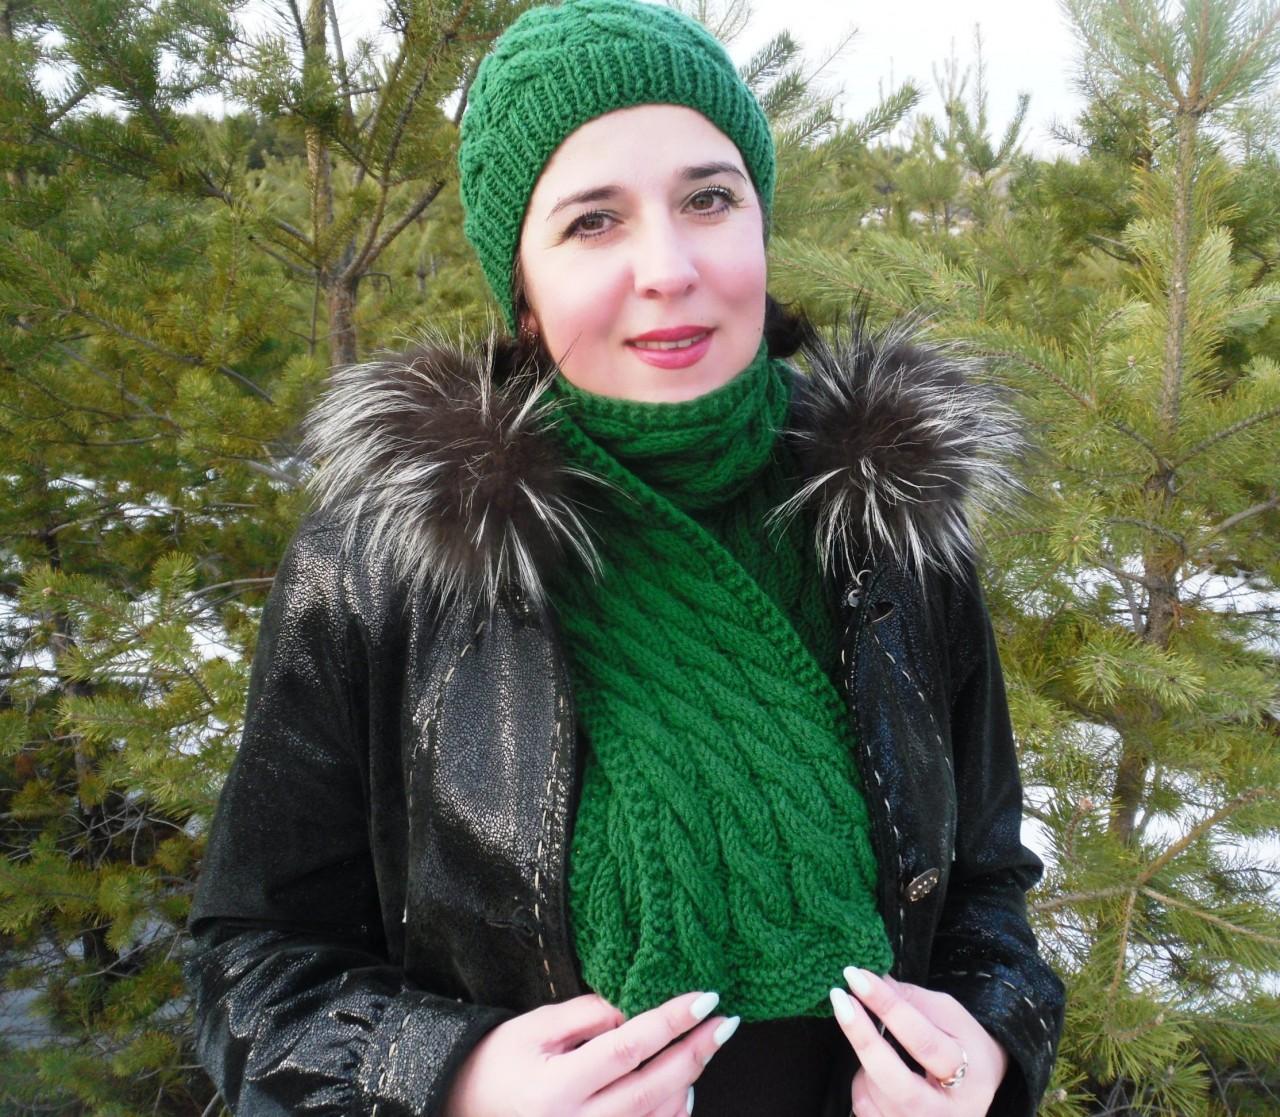 Мастер-класс по вязанию шапки и шарфа с узором «Косы»